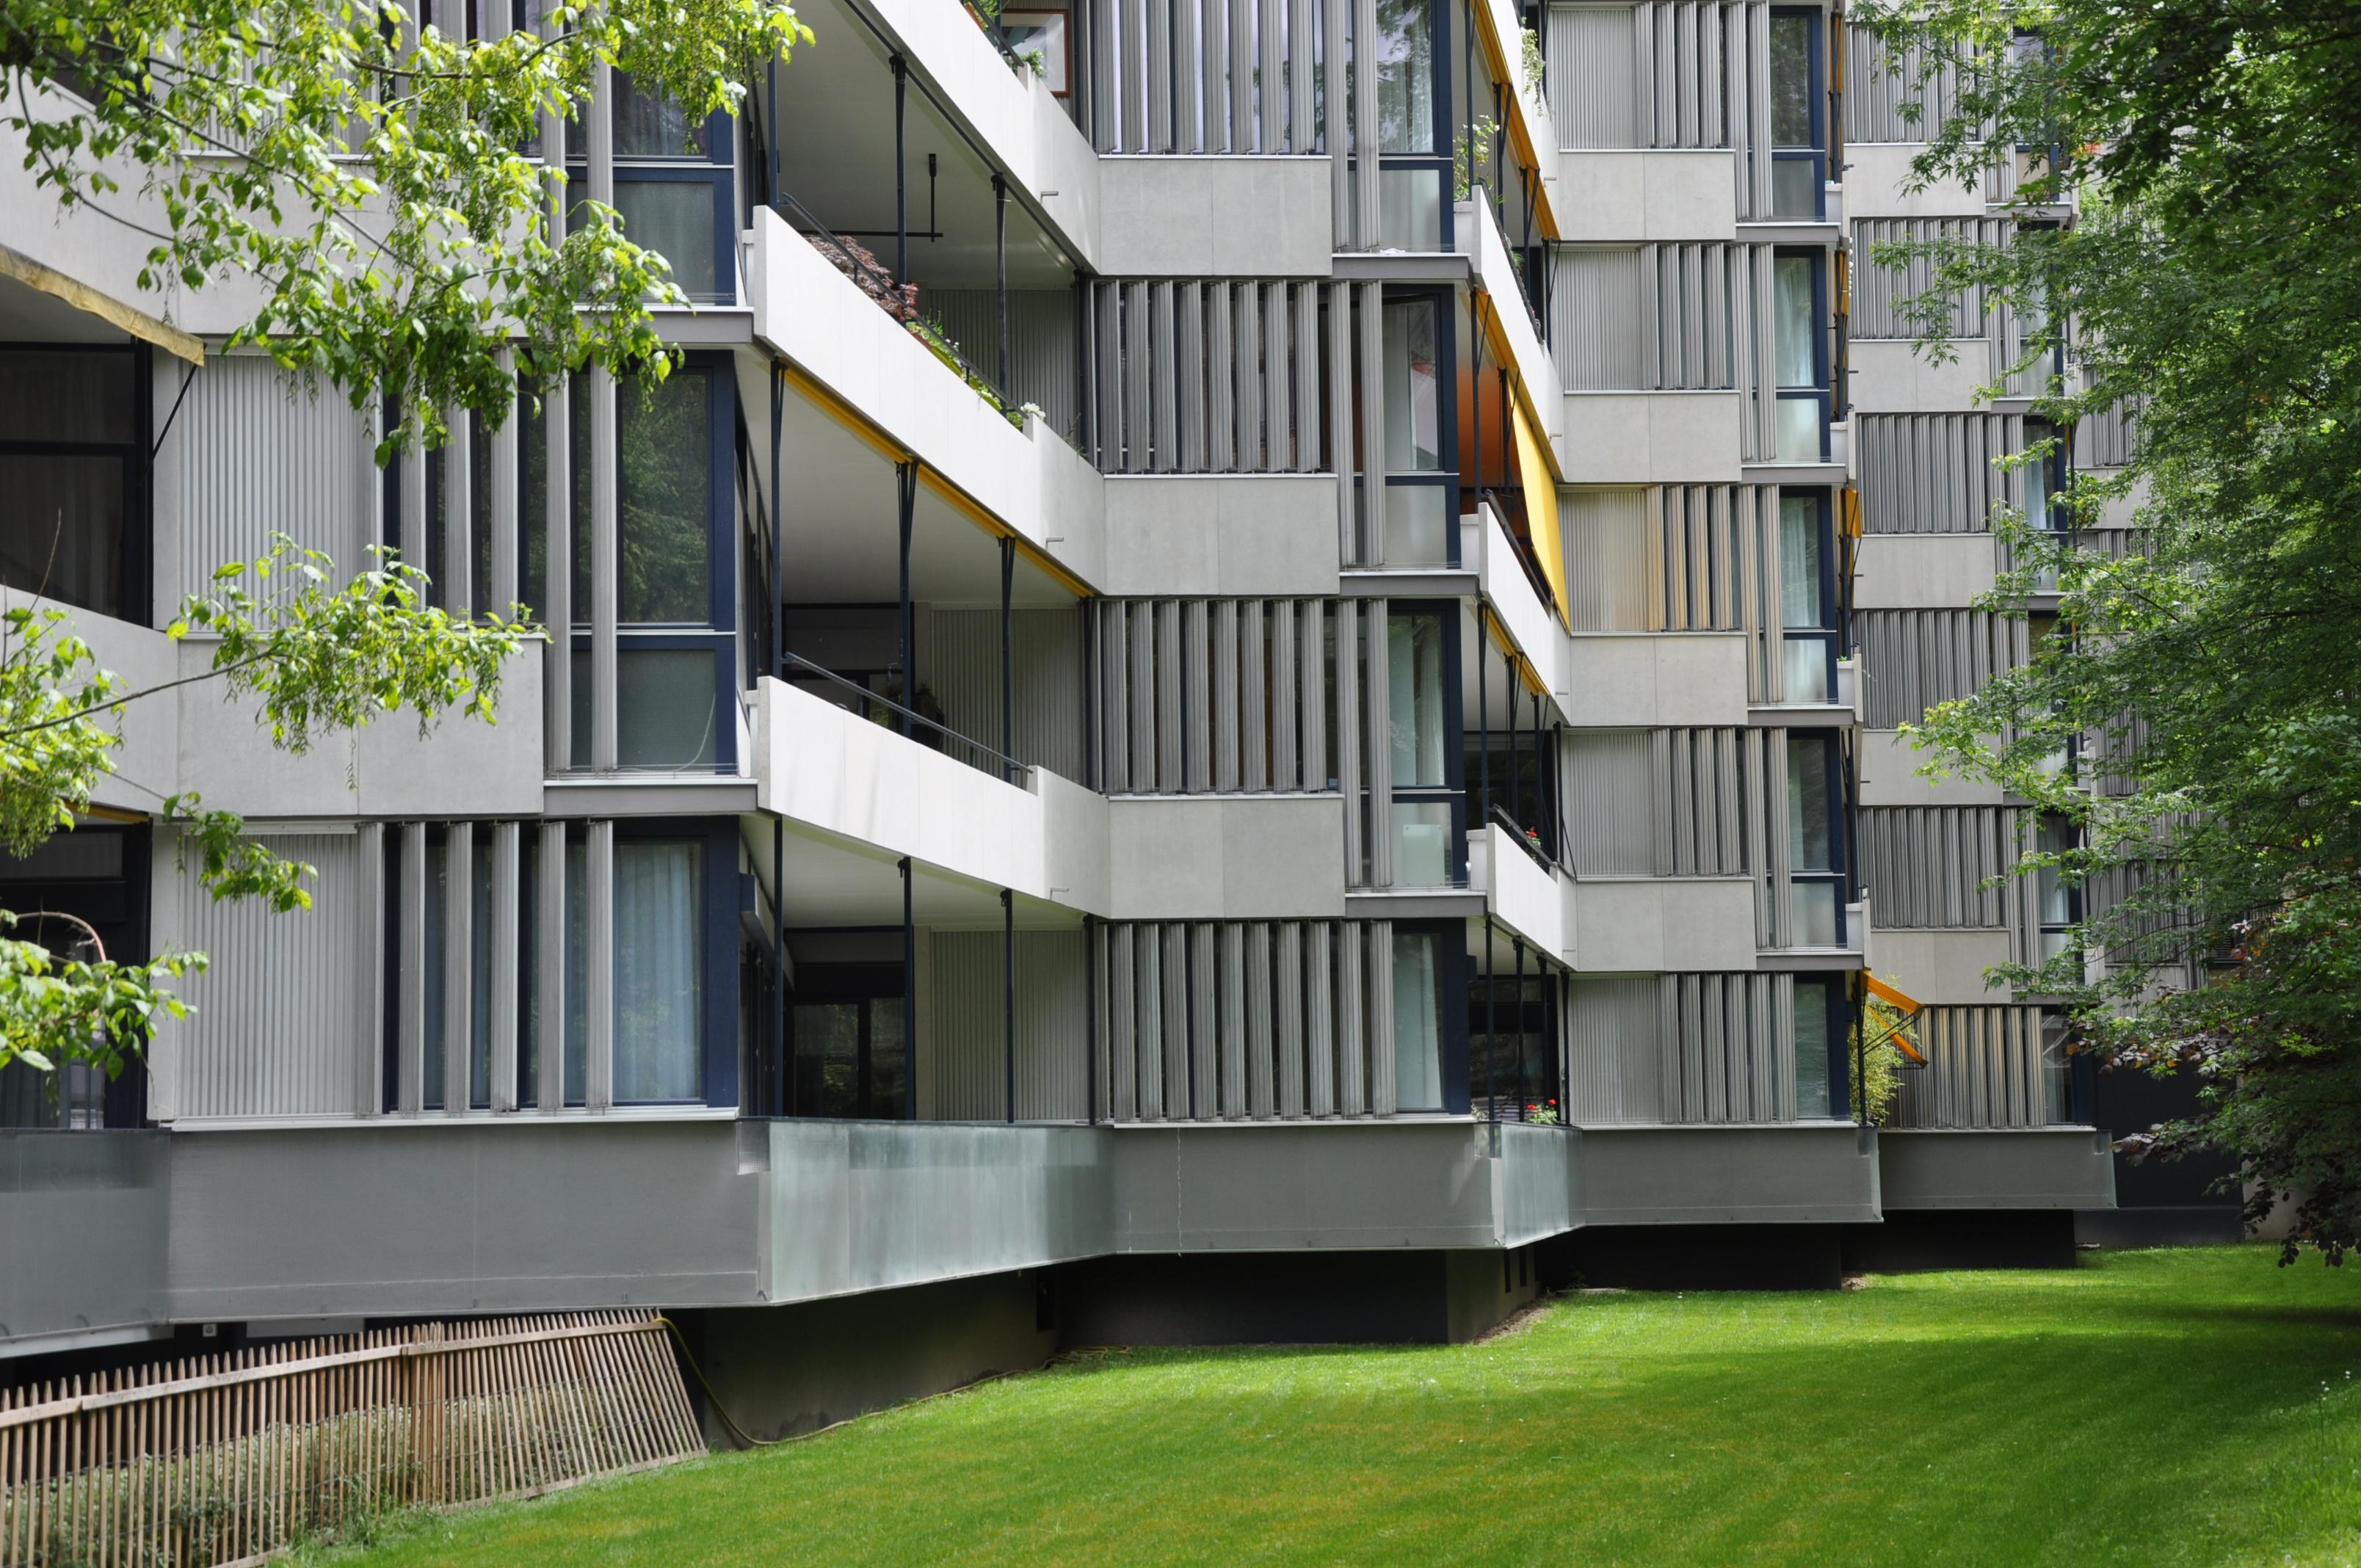 Vertiefungsarbeit hslu master architektur studiengang for Master architektur